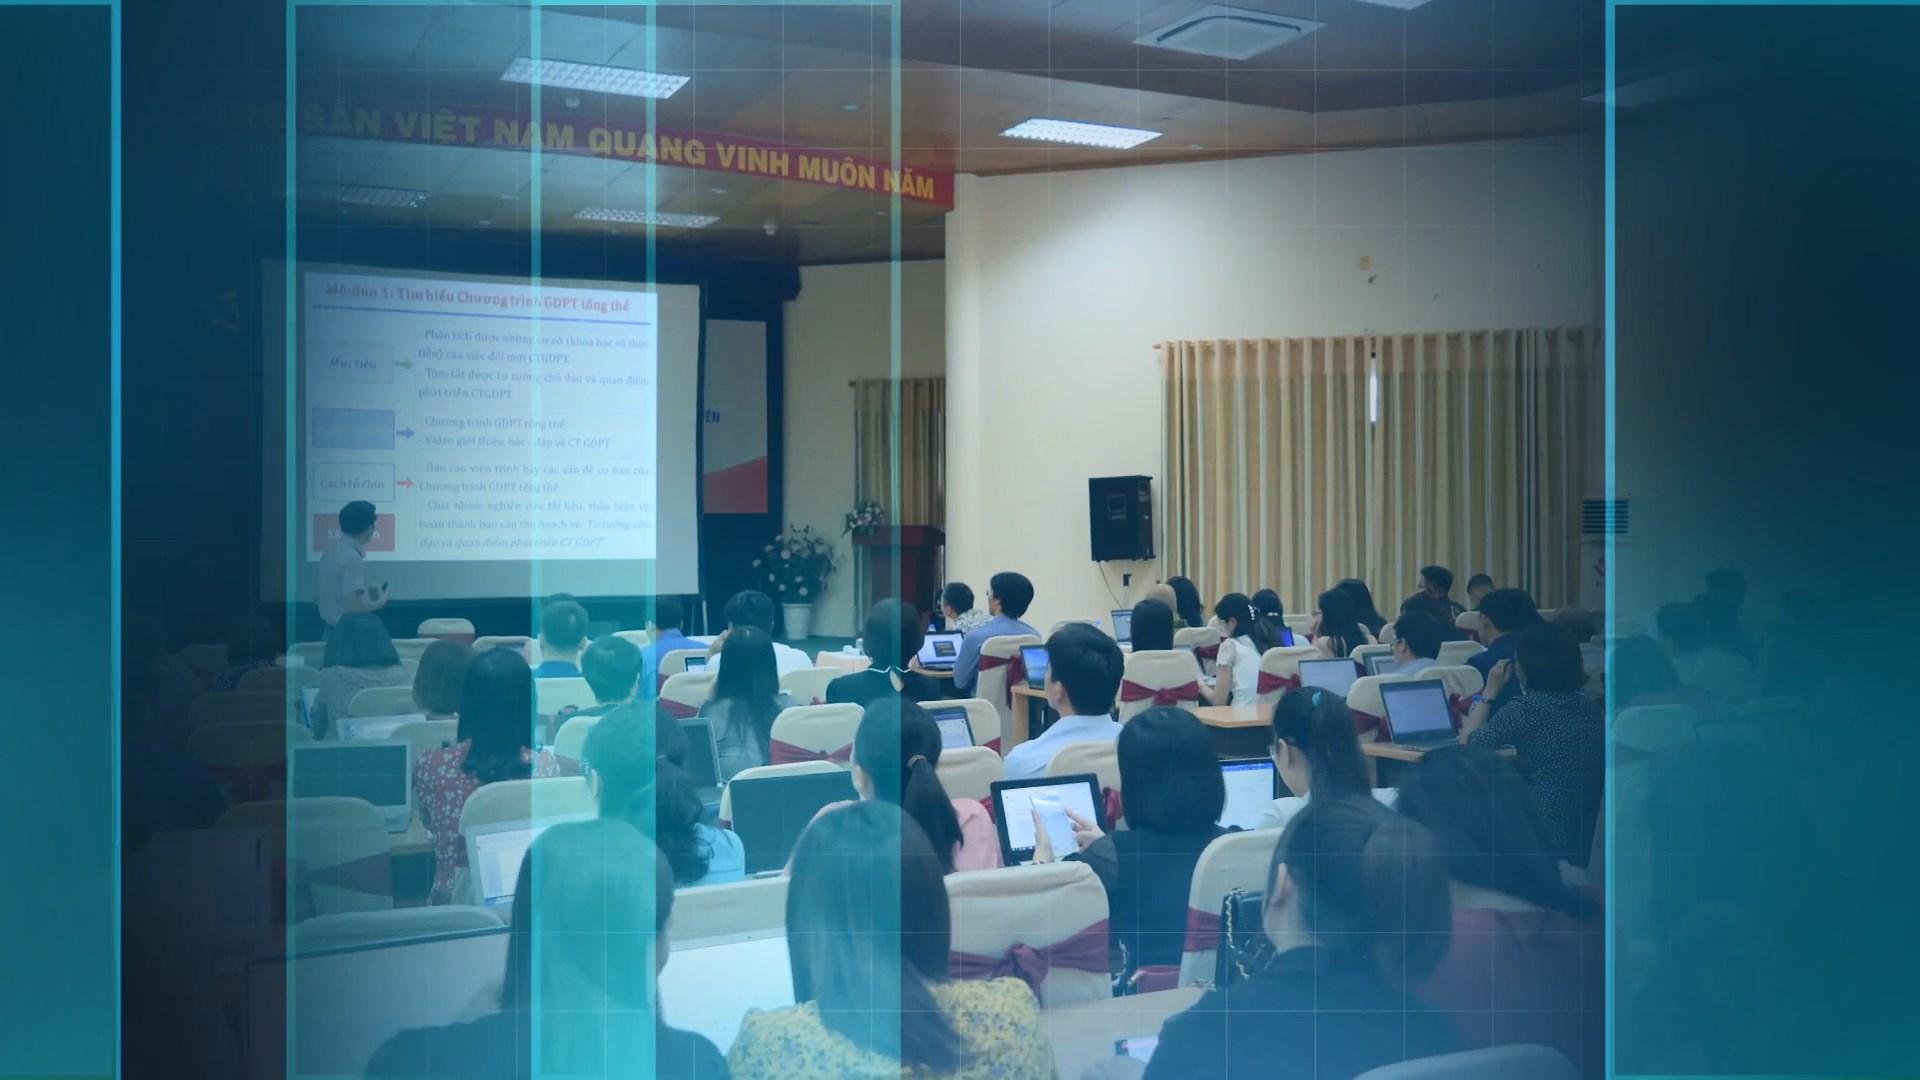 Giới thiệu ETEP Chương trình Bồi dưỡng Giáo viên ...